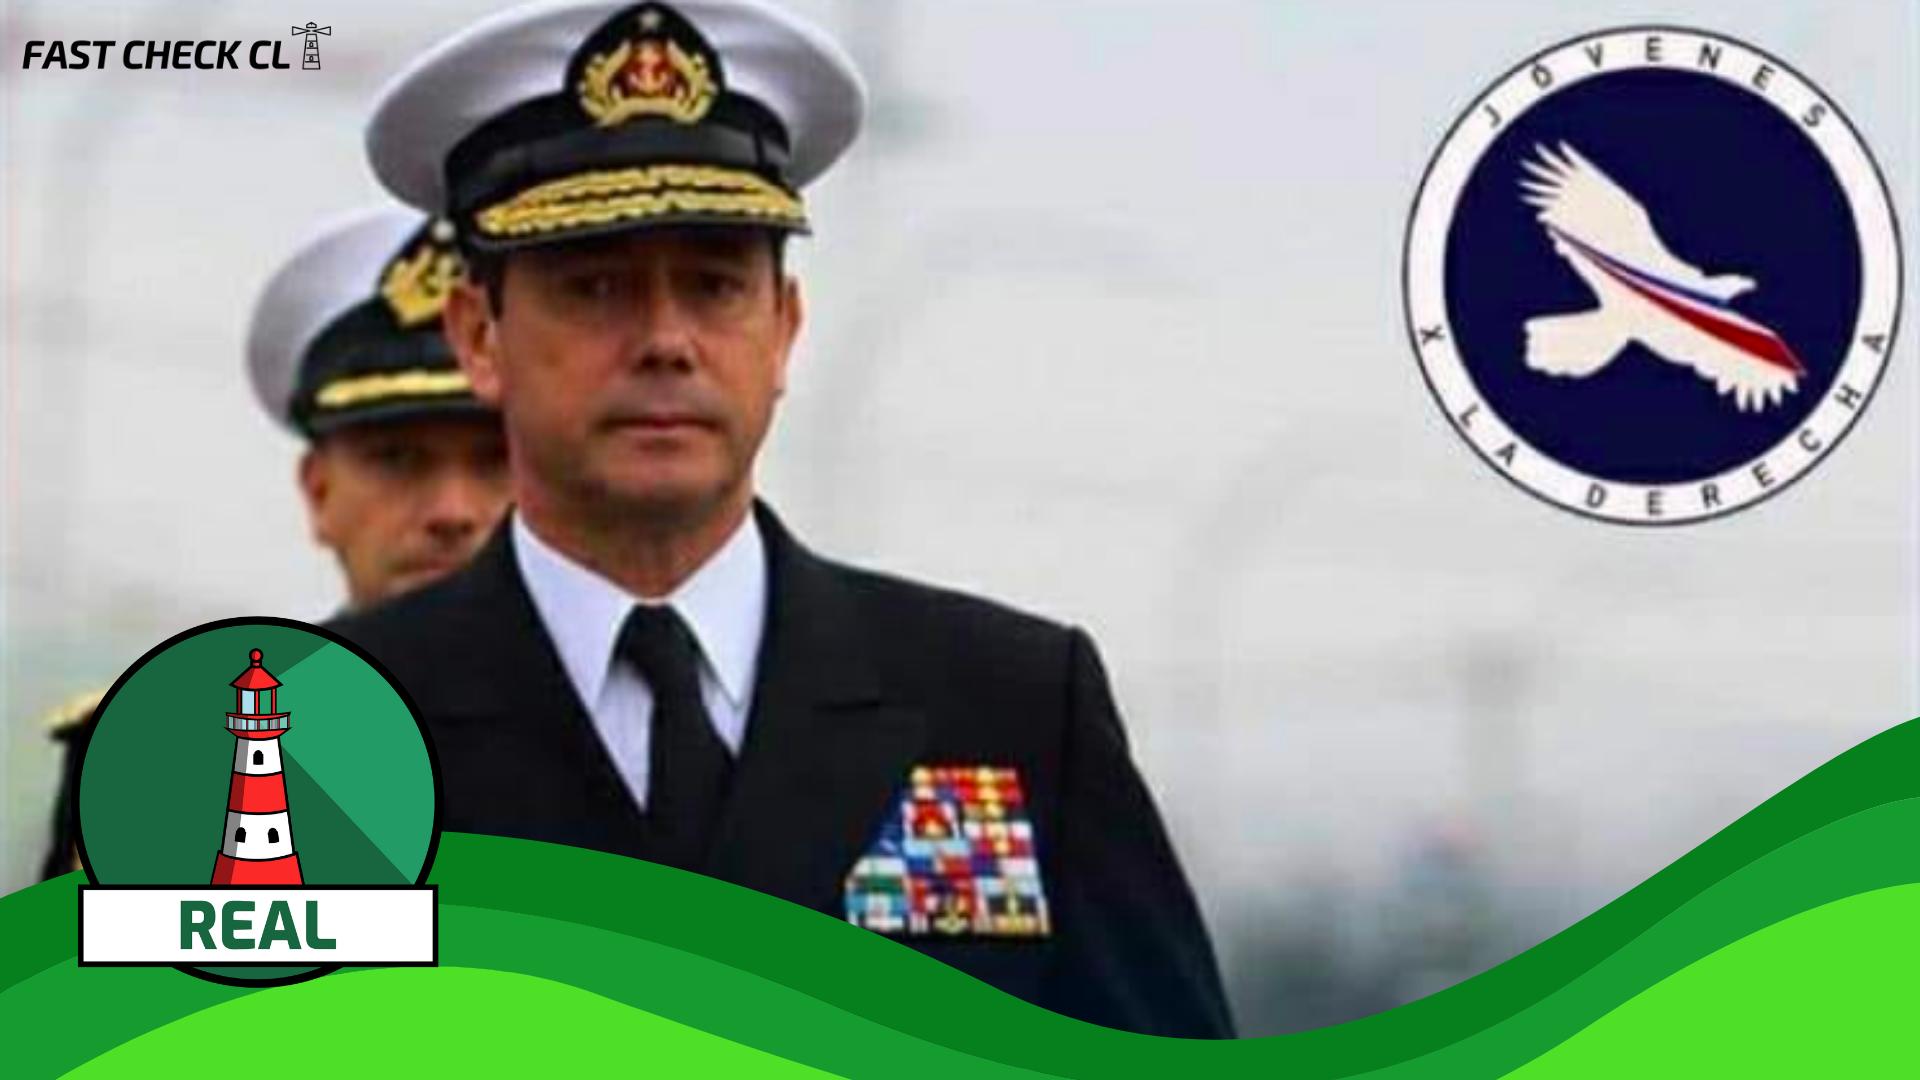 """(Imagen) Excomandante de la Armada, Edmundo González: """"Si nos dejan actuar, terminamos con el terrorismo en 72 horas"""": #Real"""